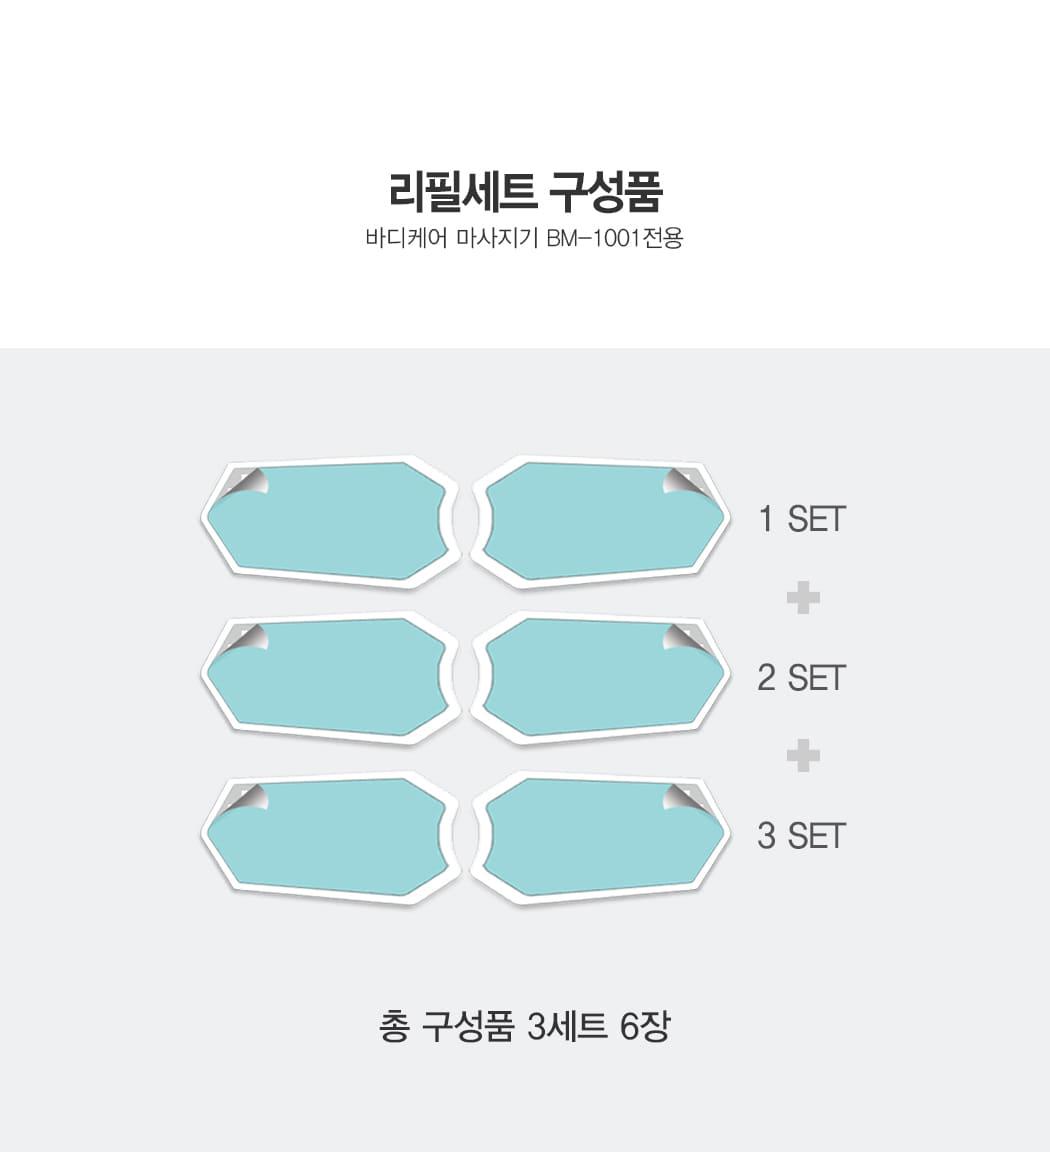 홍진영의 EMS 저주파마사지기 겔패드 1BOX (3SET) - 이로웰, 39,000원, 안마/교정, 부위안마기